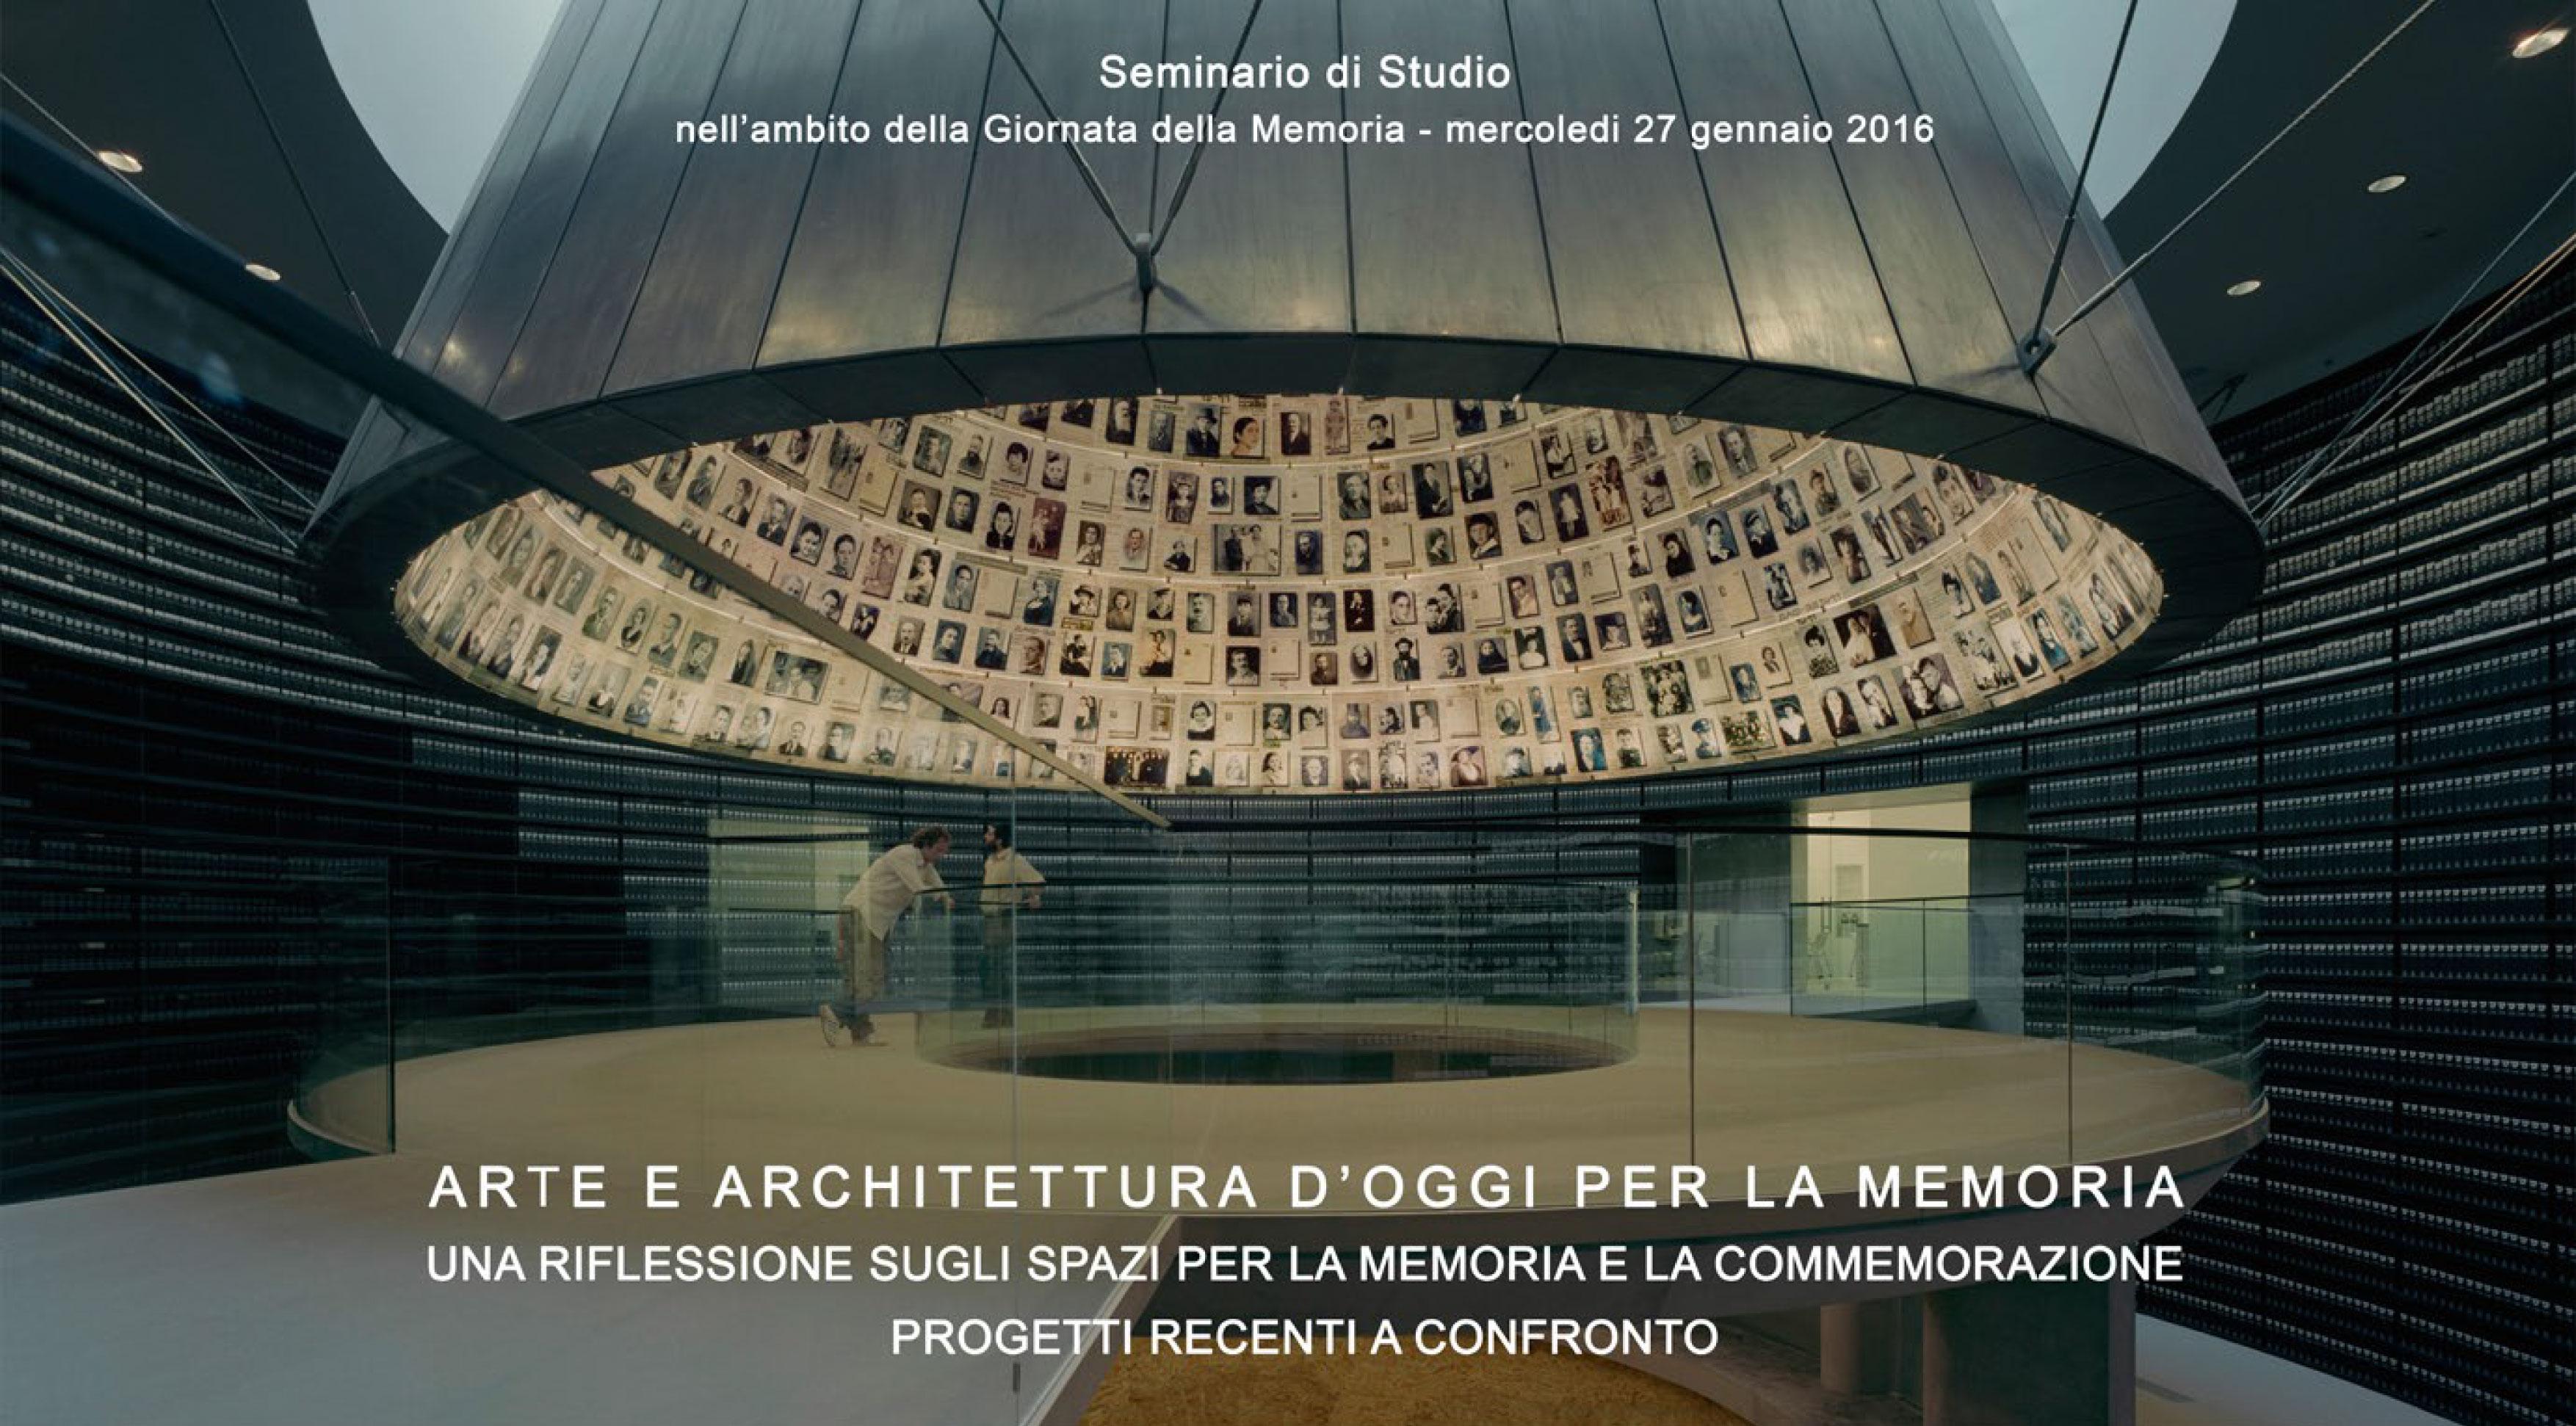 ARTE E ARCHITETTURA D'OGGI PER LA MEMORIA